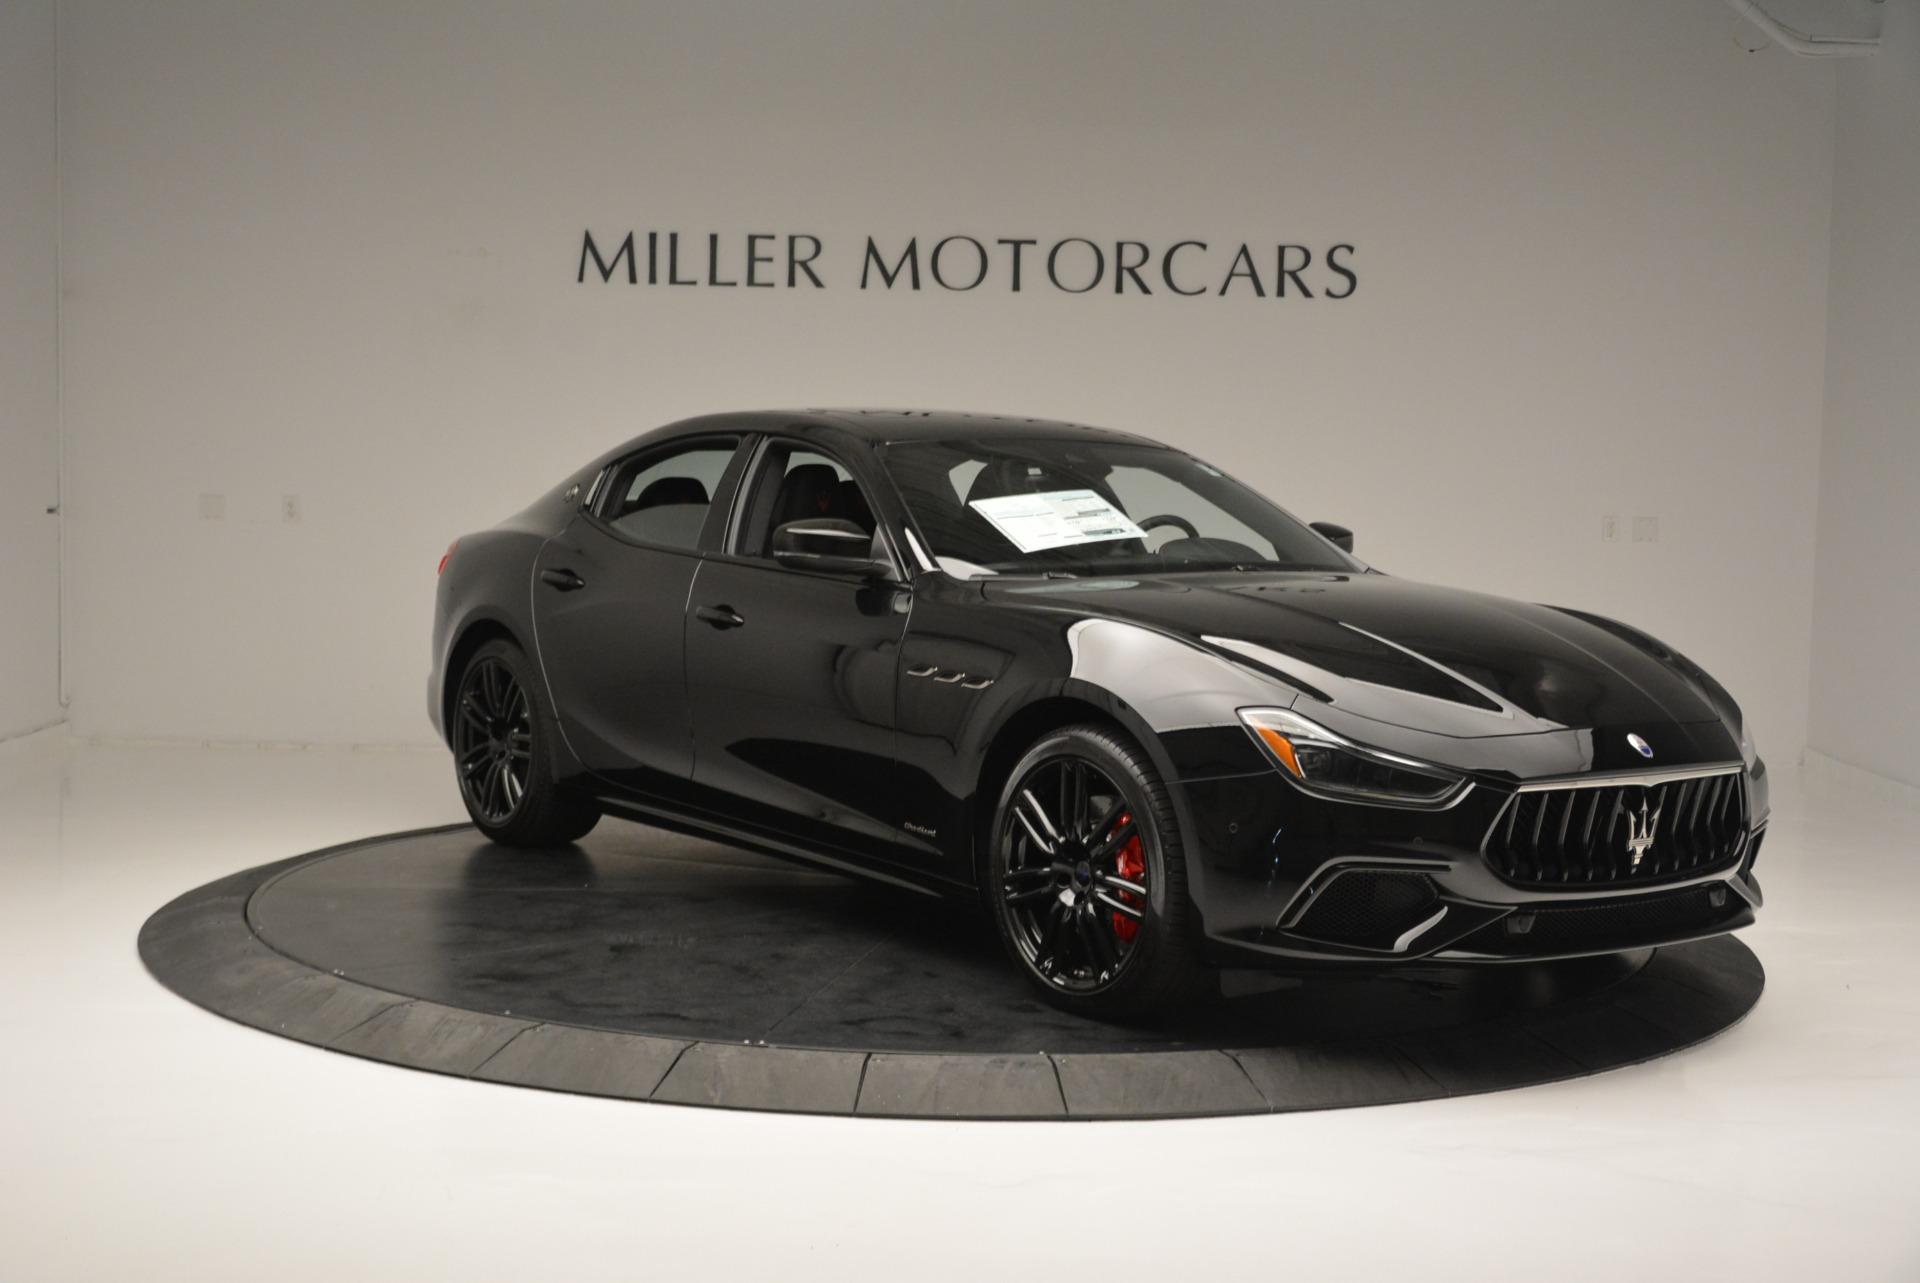 New 2018 Maserati Ghibli SQ4 GranSport Nerissimo For Sale In Greenwich, CT 2278_p11